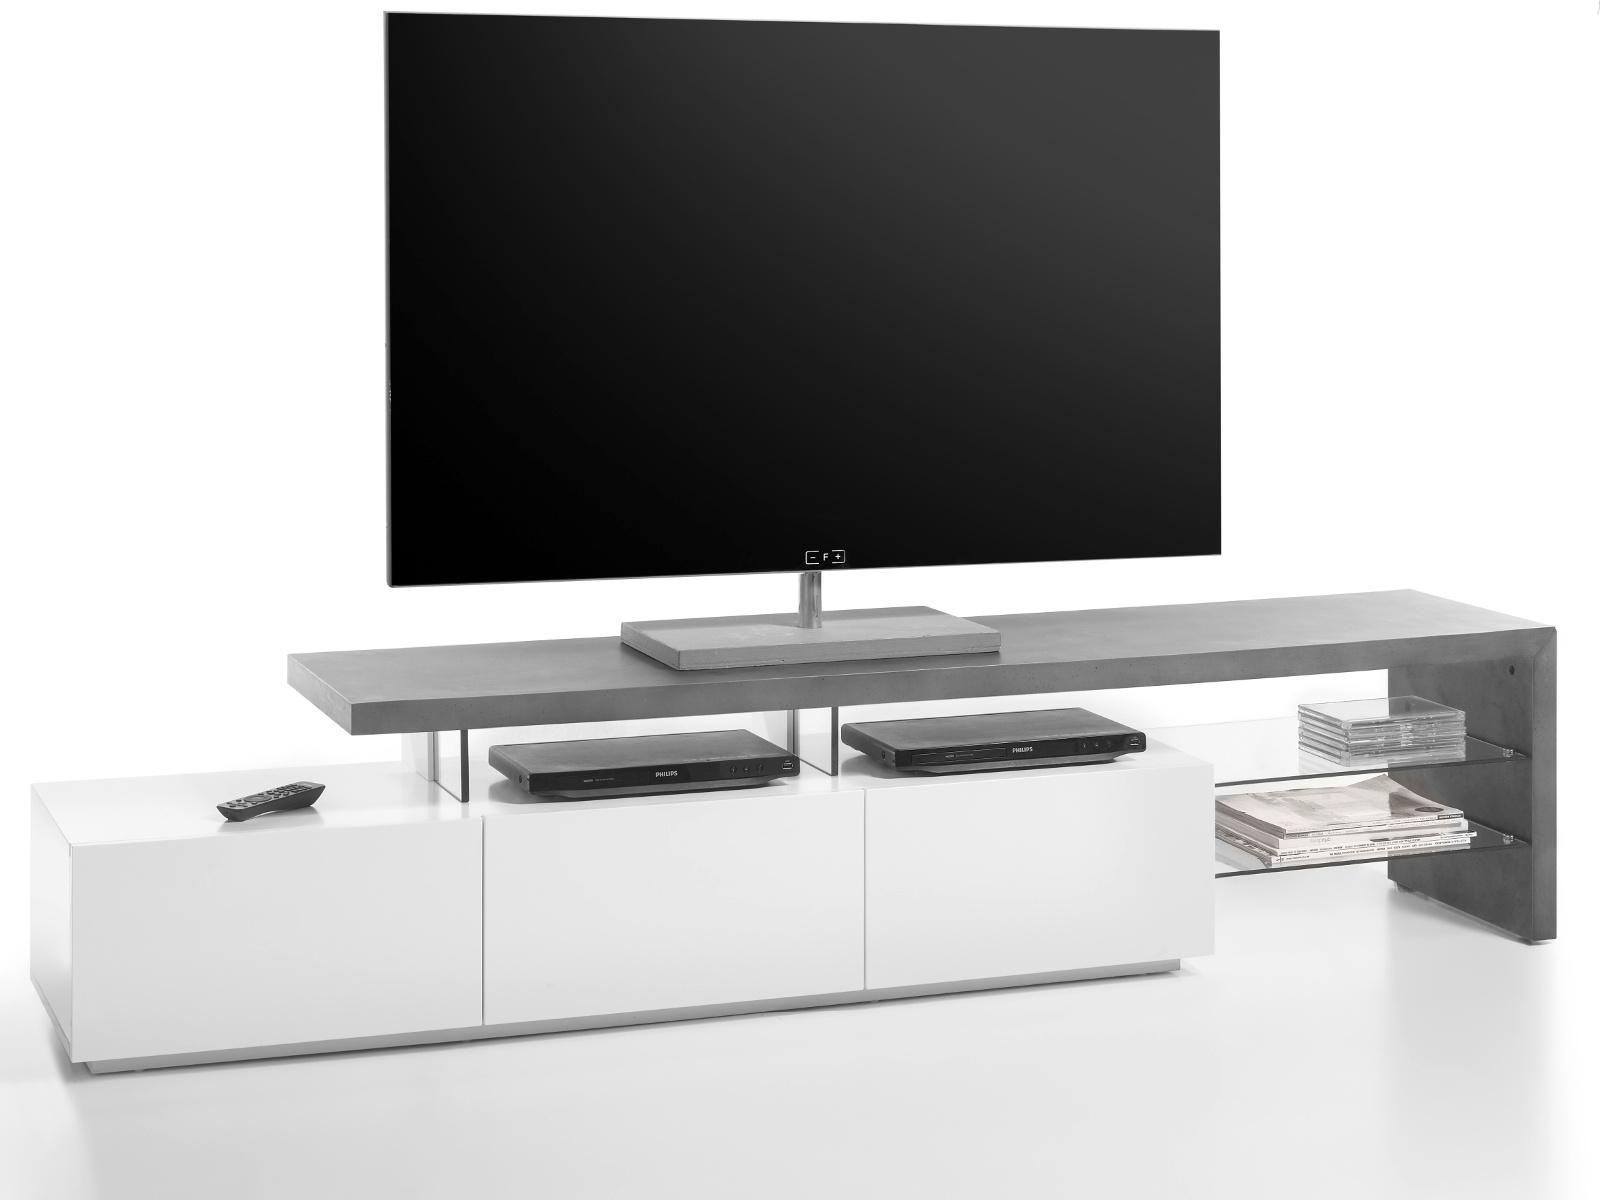 Tv Lowboard Alimos Stone Grau Und Matt Weiß 204 Cm